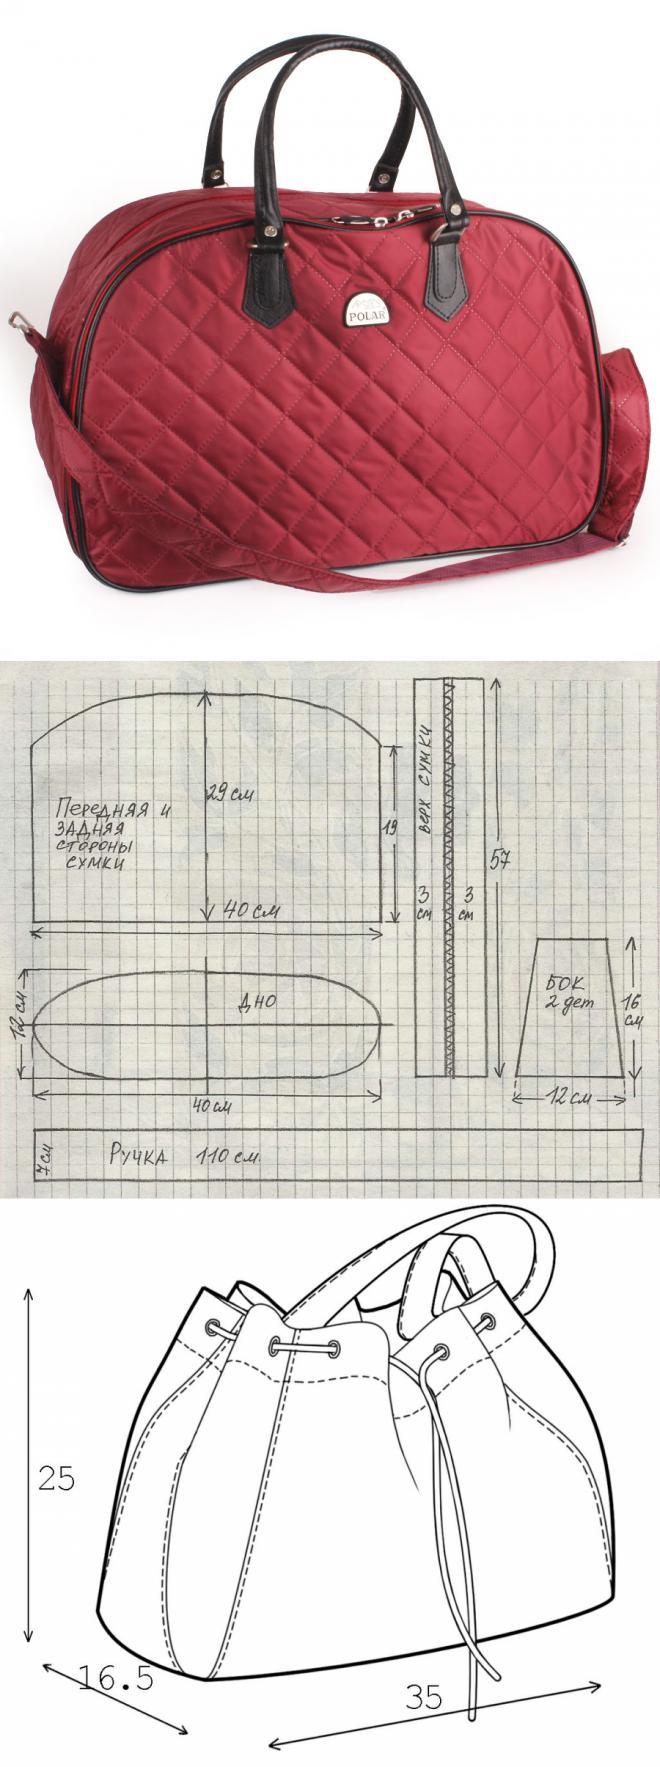 shoulder bag and backpack..♥ Deniz ♥ | Bags: ideas | Pinterest ...